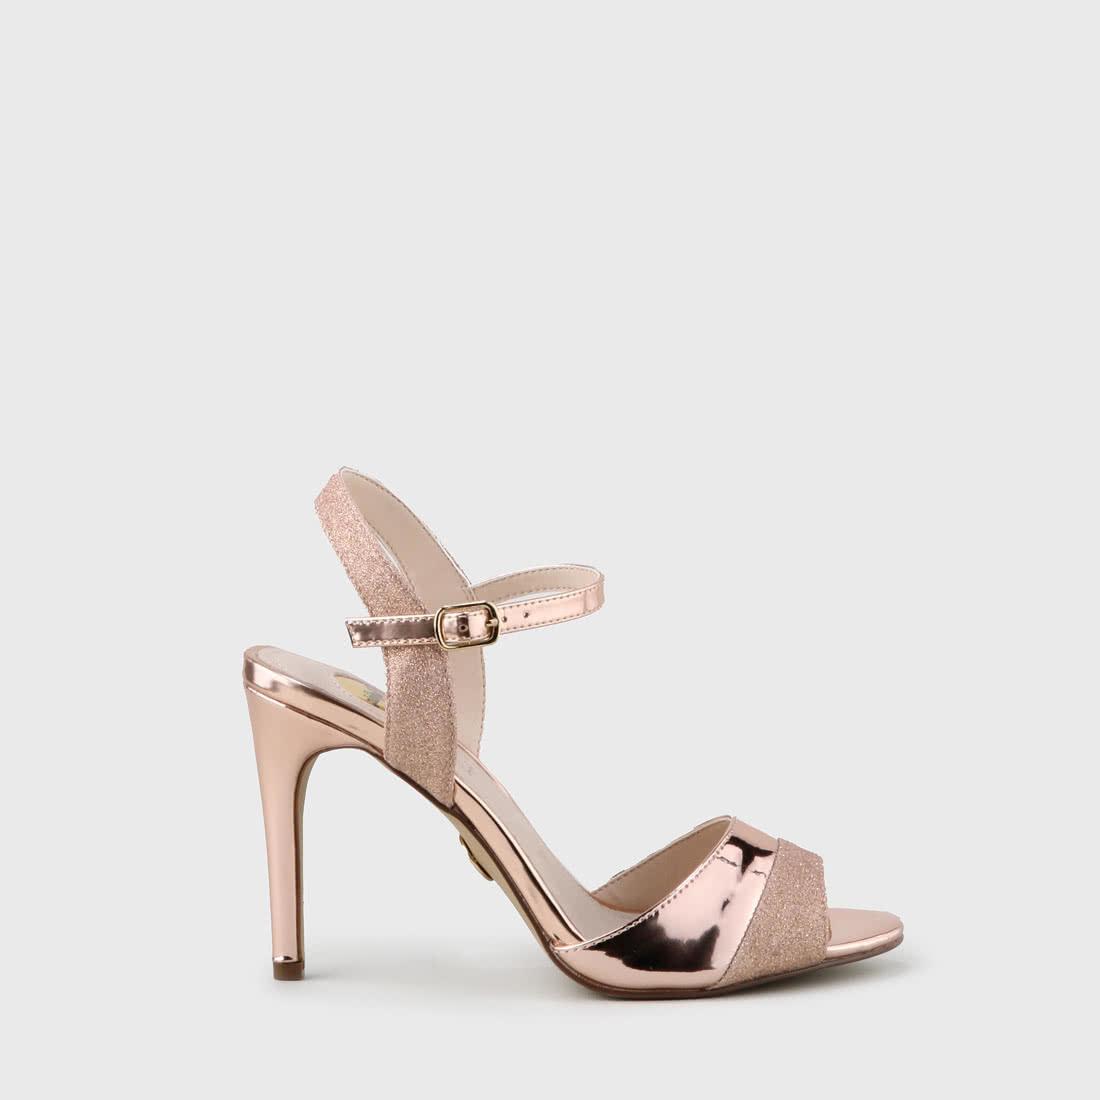 Buffalo Sandalen für Damen kaufen bei ABOUT YOU